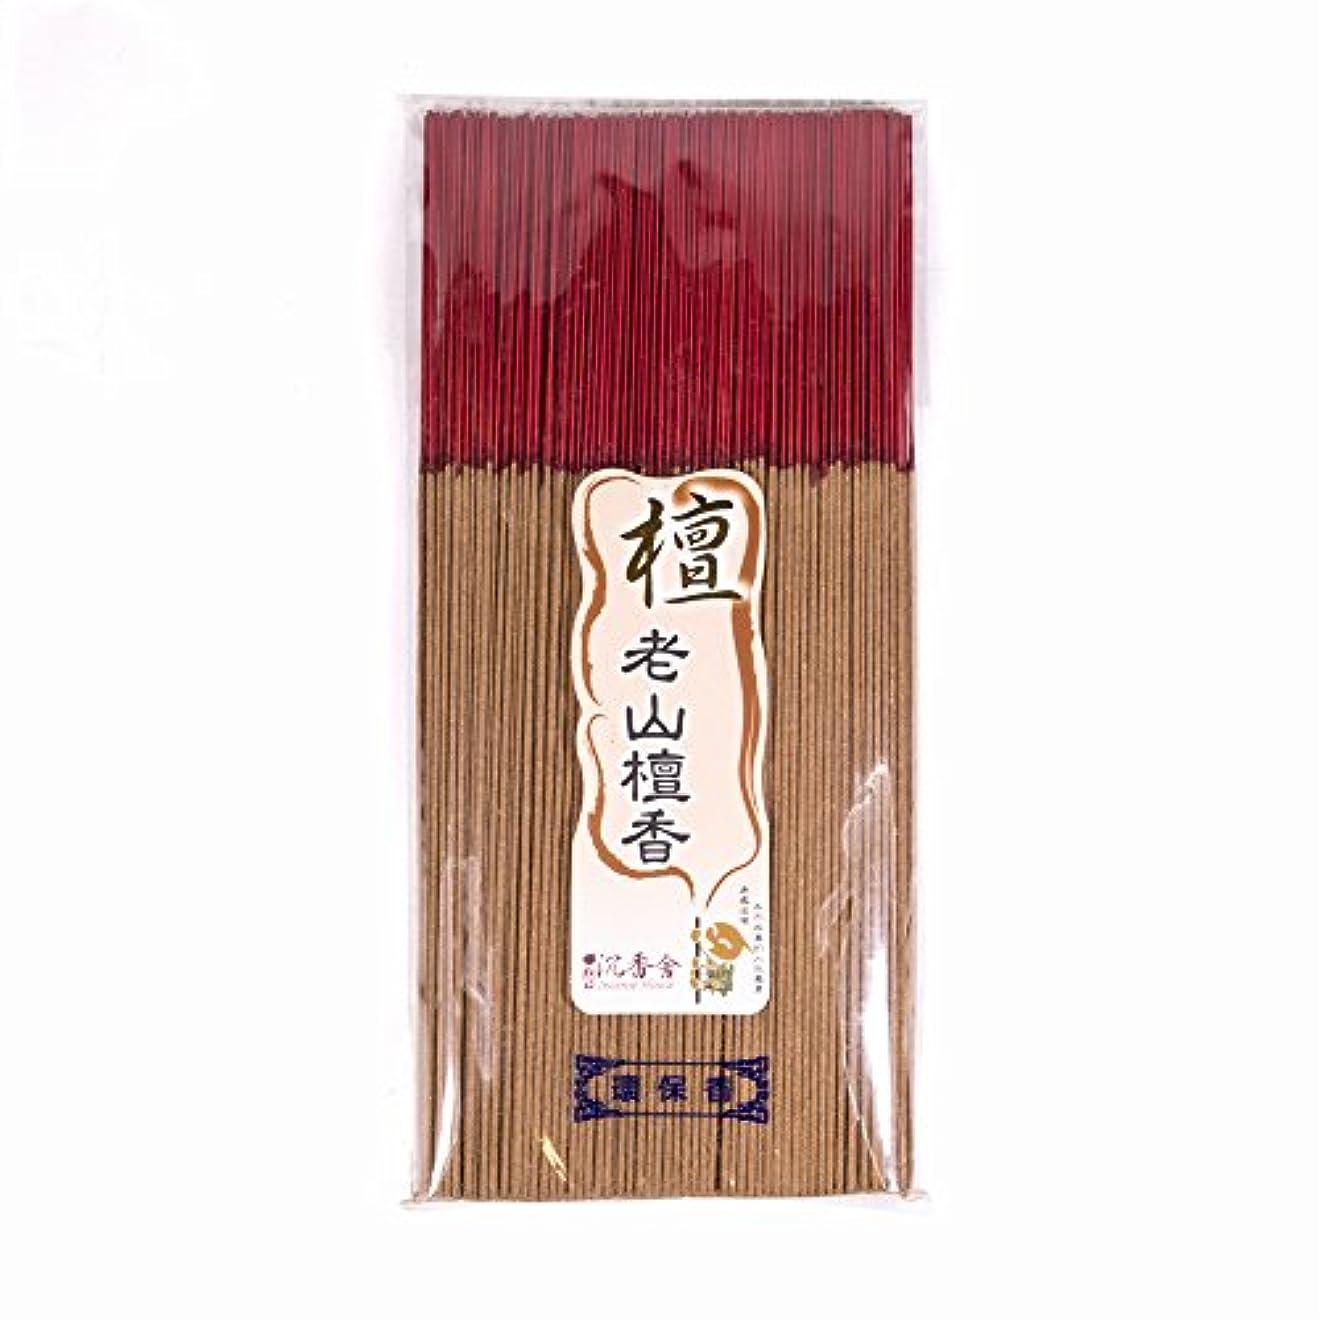 オーナー洞察力のある抑止する台湾沉香舍 老山檀香 台湾のお香家 - 檀香 30cm (木支香) 300g 約400本